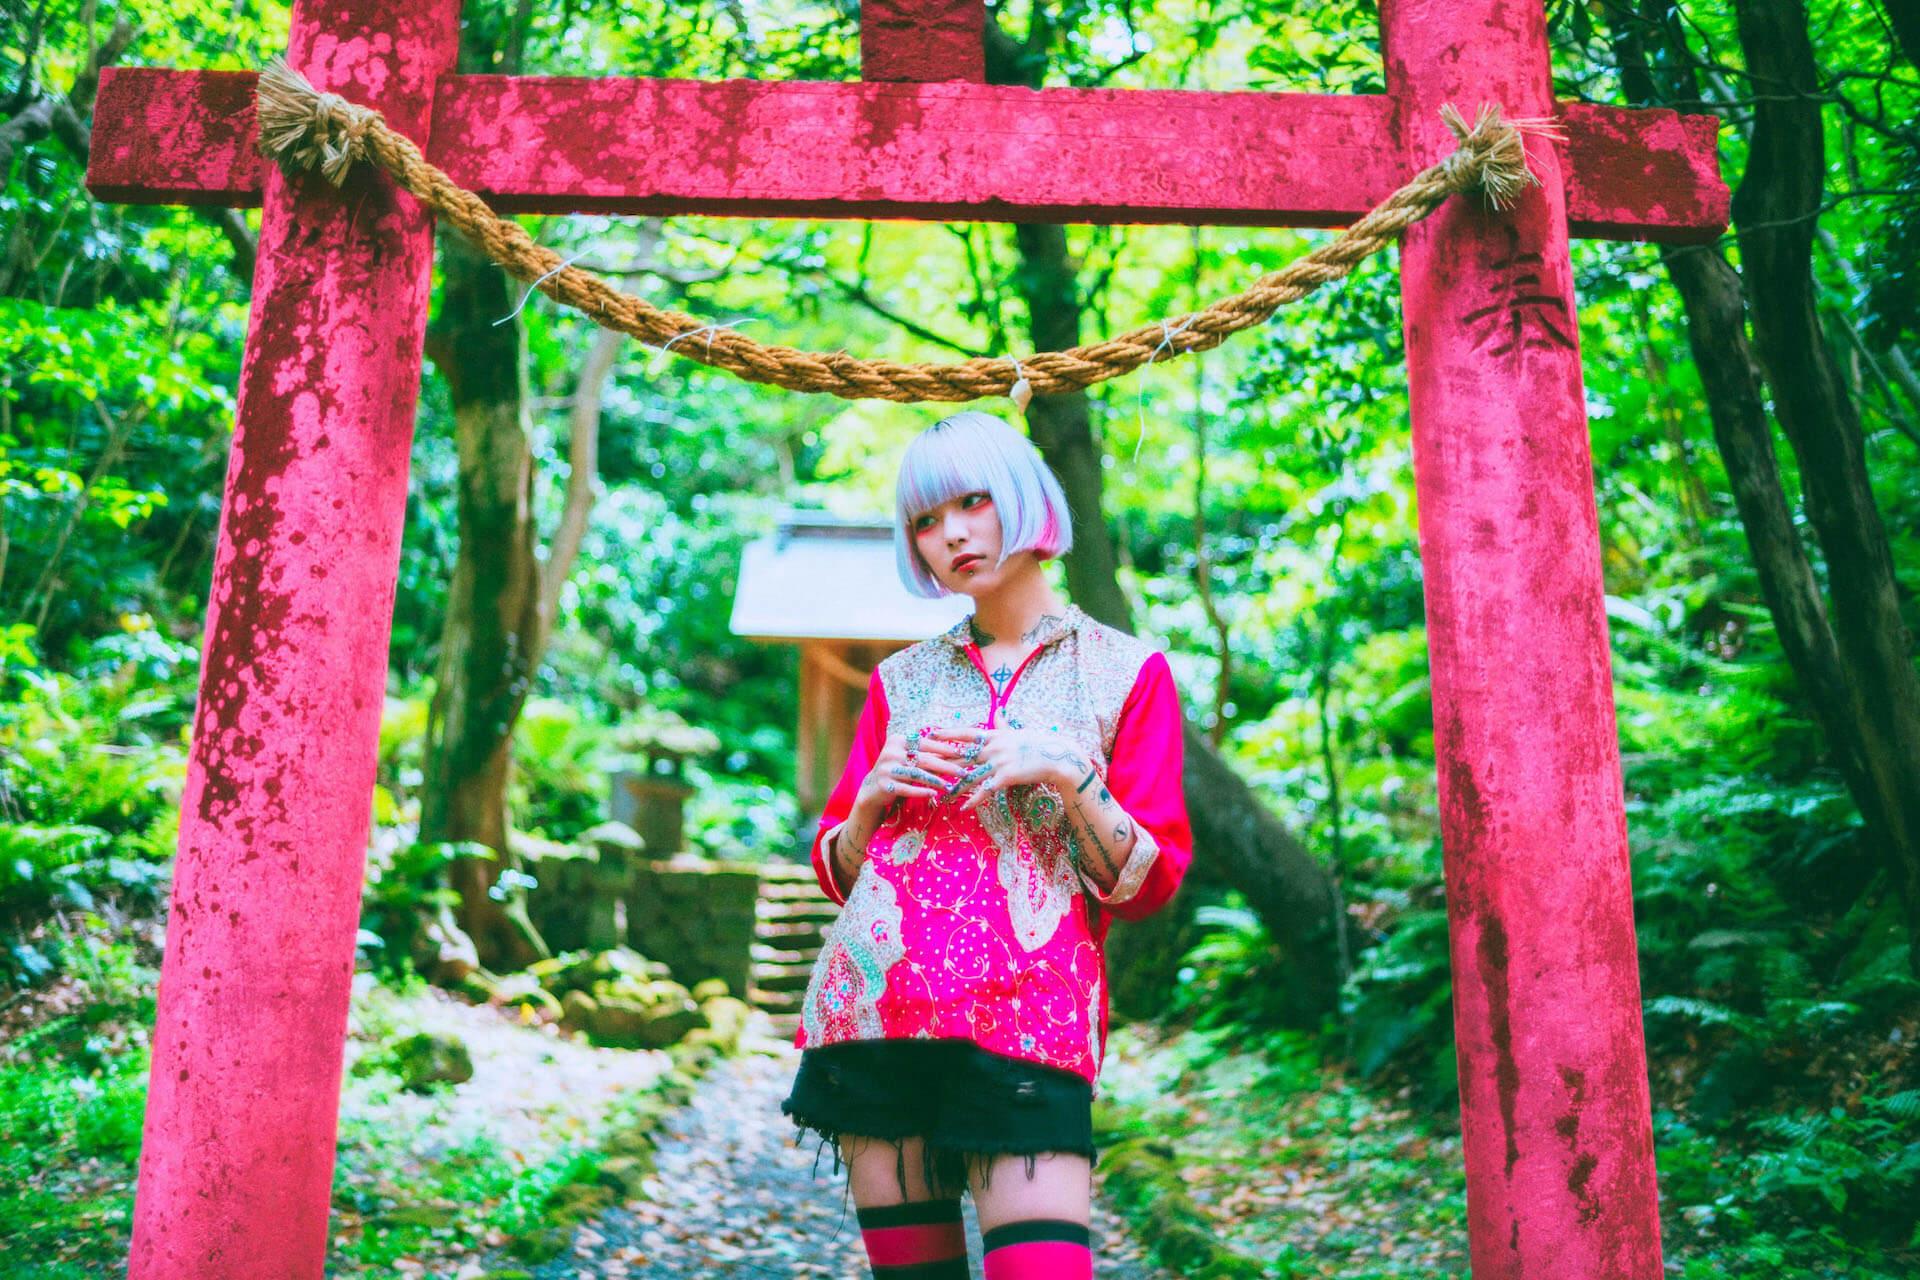 ライター・黒田隆憲が<フジロック '21>初登場組の注目10アーティストを紹介! column210802_fujirock-debut-01